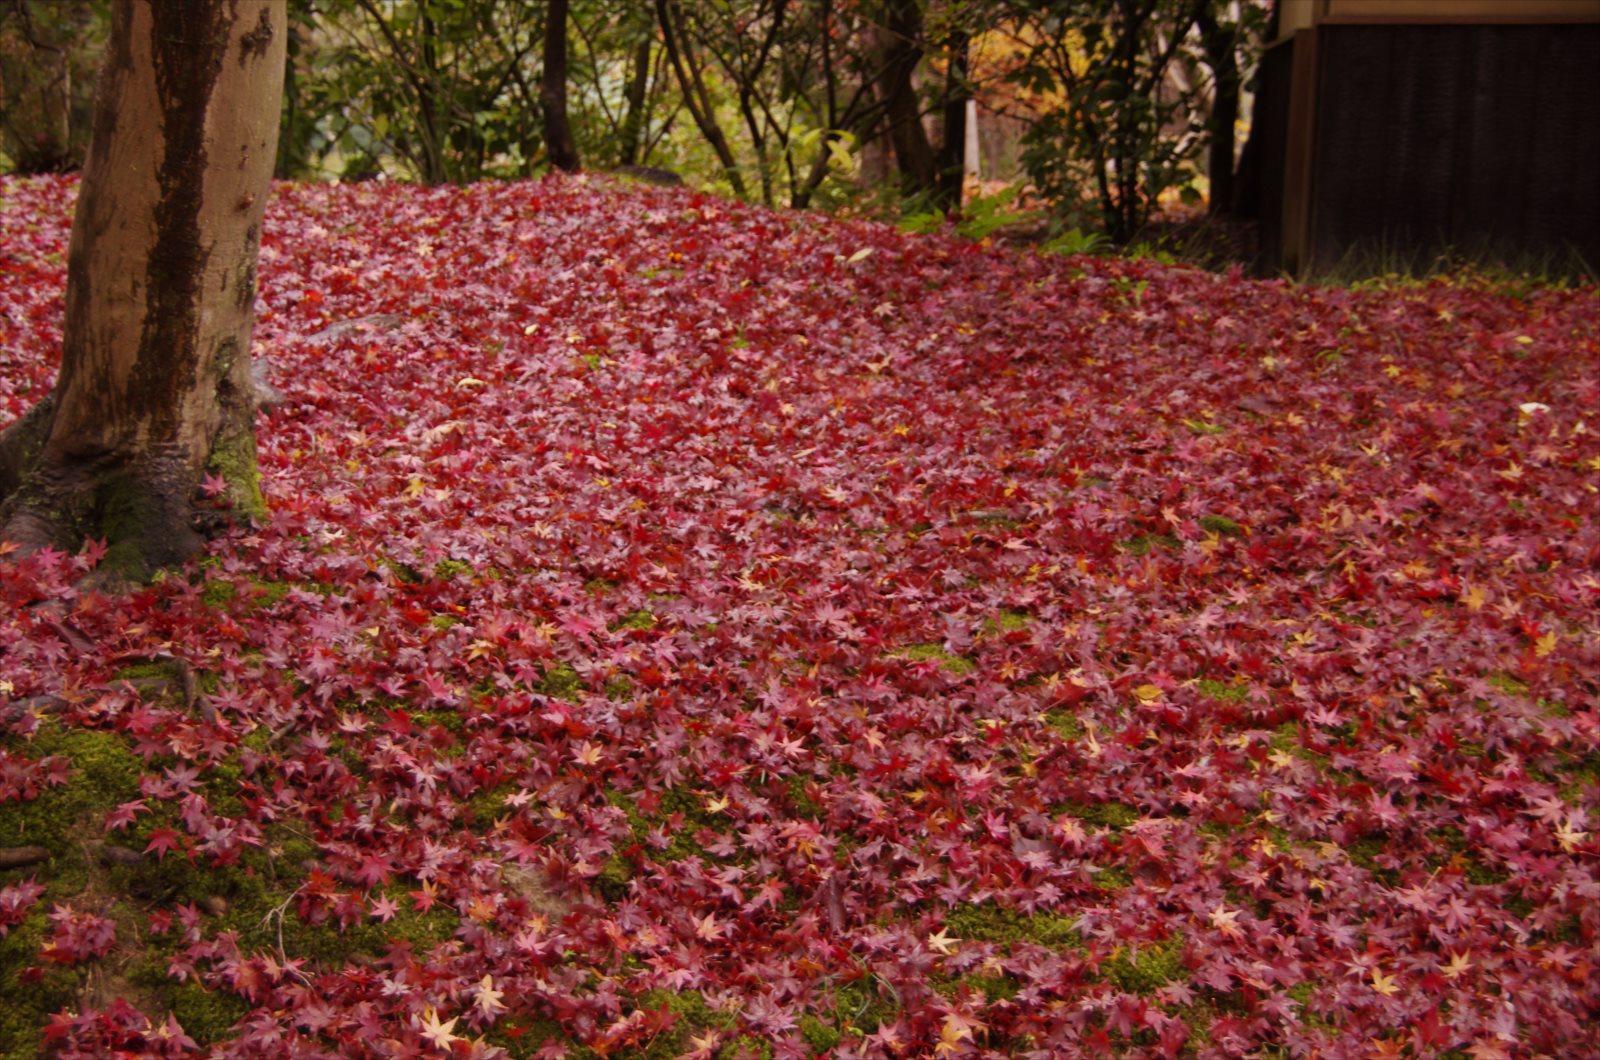 ぞ 秋 に 聞く の もみじ 奥山 は 声 鳴く 踏み分け 時 悲しき 鹿